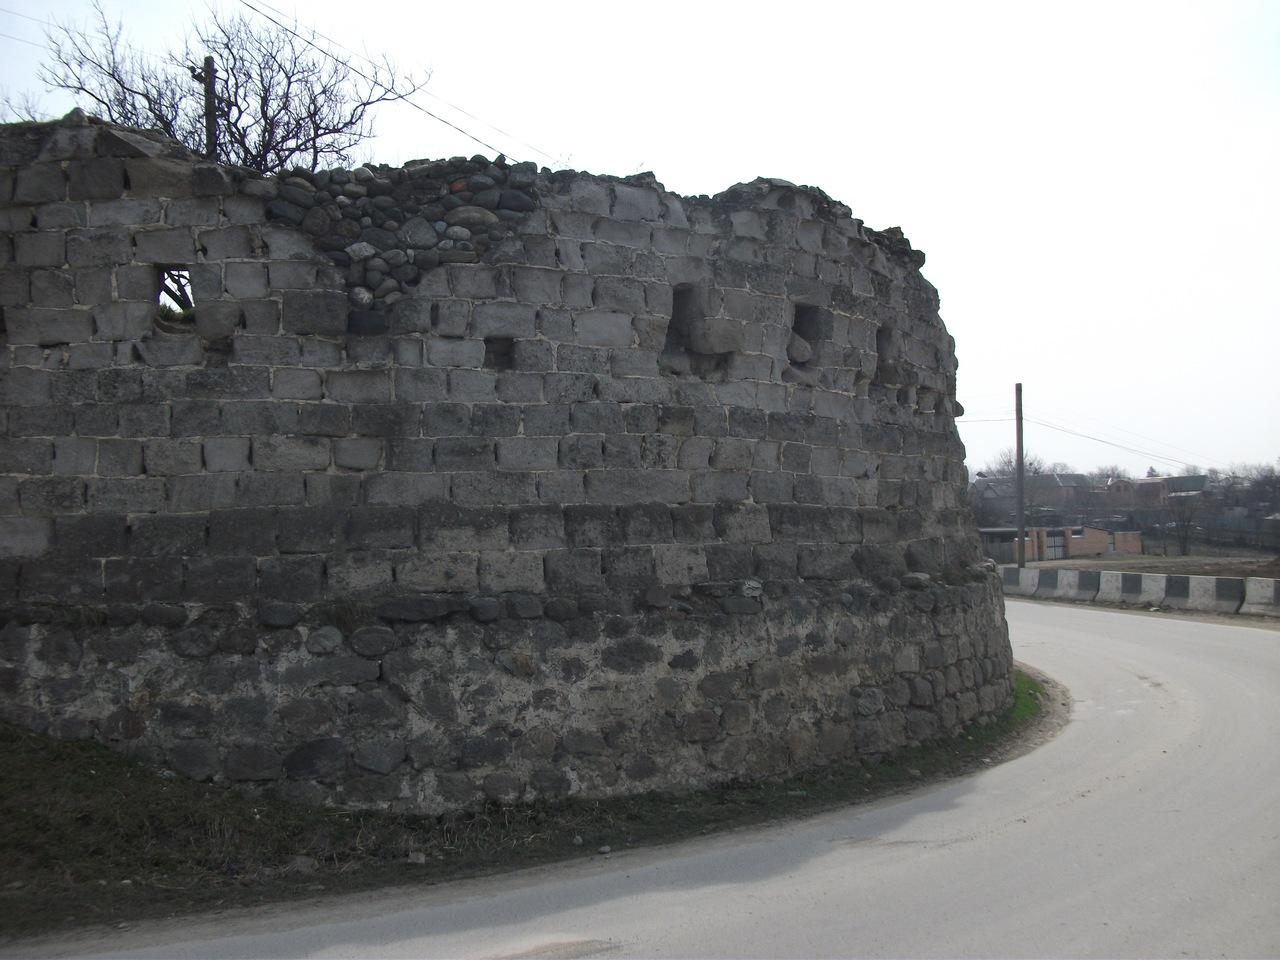 фото корпуса Ахтынской крепости